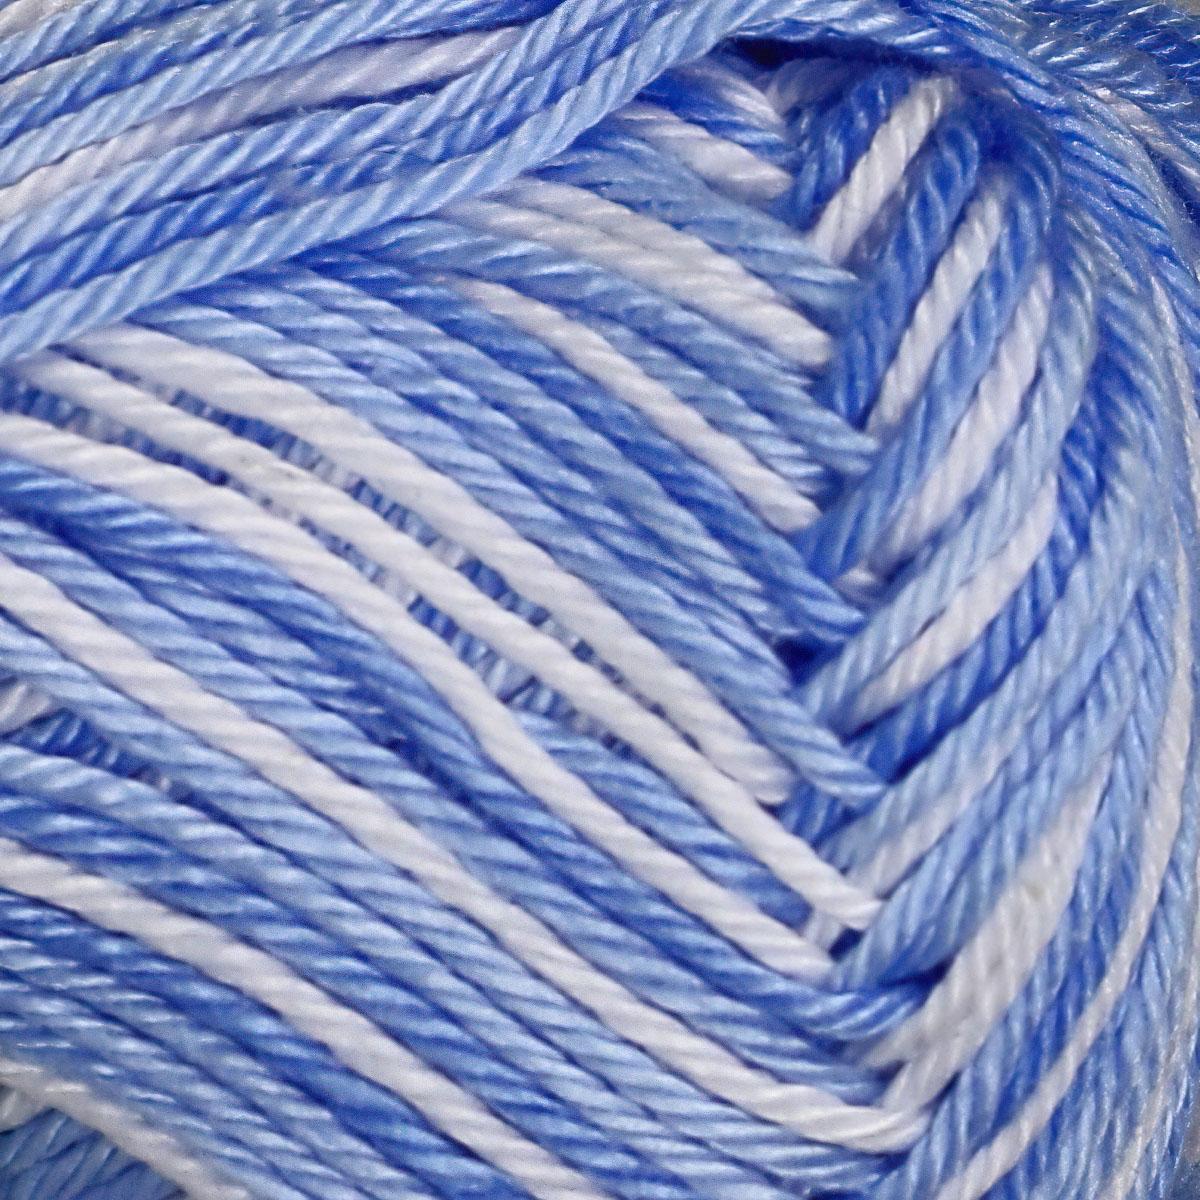 Pletací / háčkovací příze STOREX CAMILA NATURAL MULTICOLOR 9099 modrá, melírovaná, 50g/125m